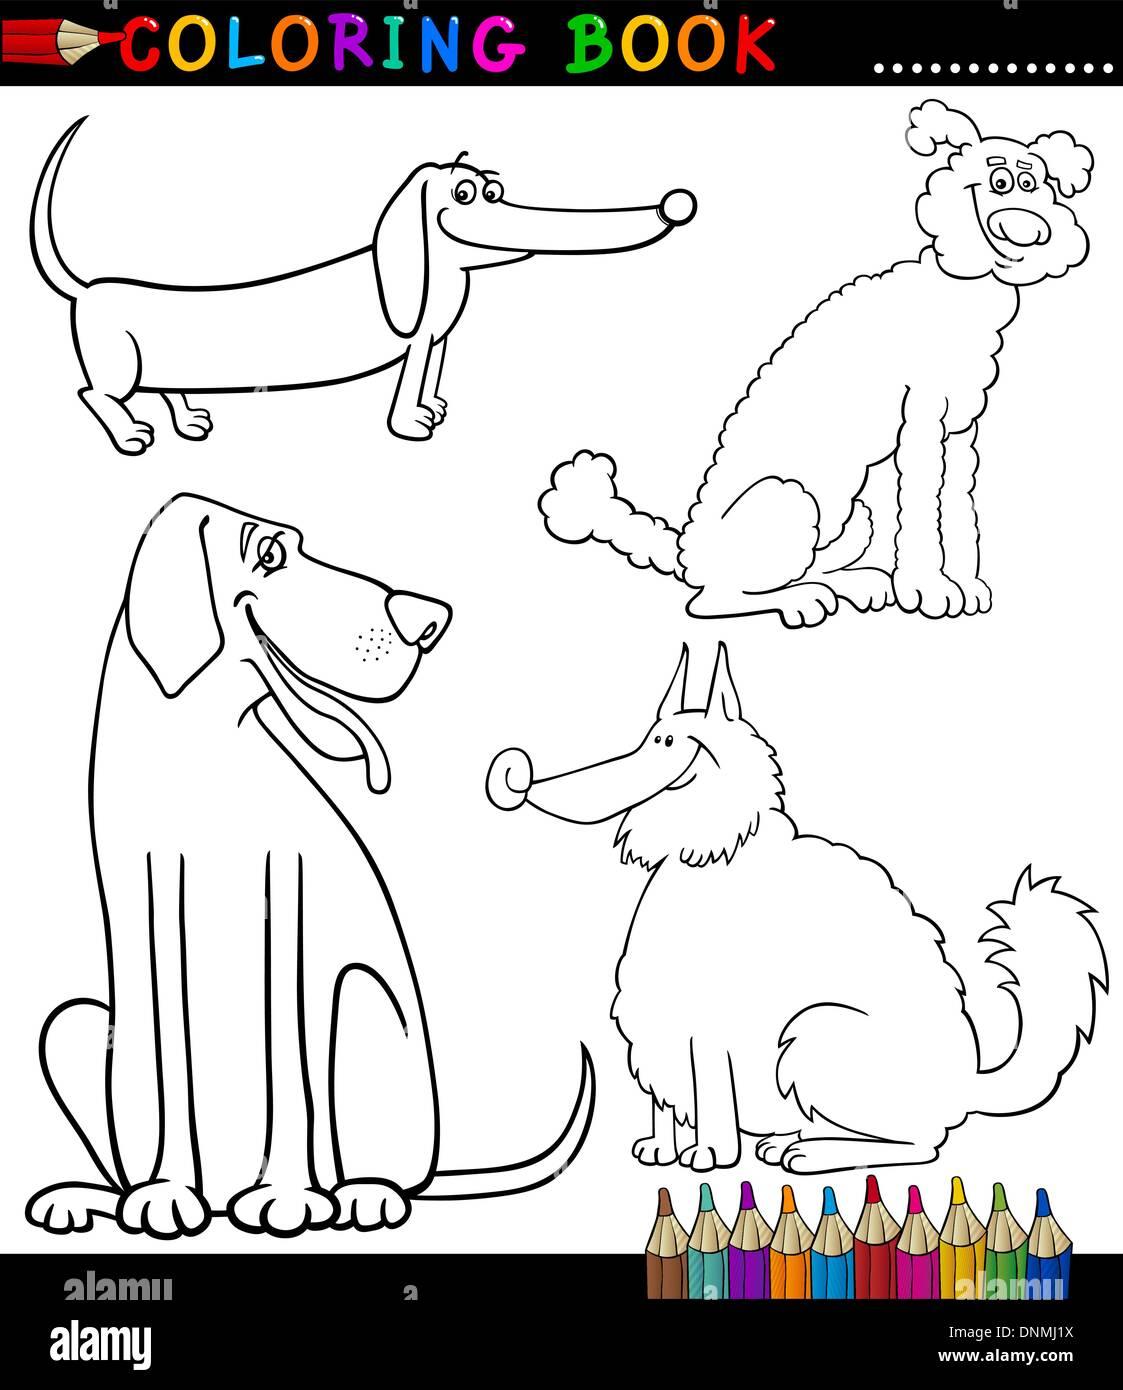 Perfecto Berenstain Bears Arte Para Colorear Páginas Pbs Niños ...